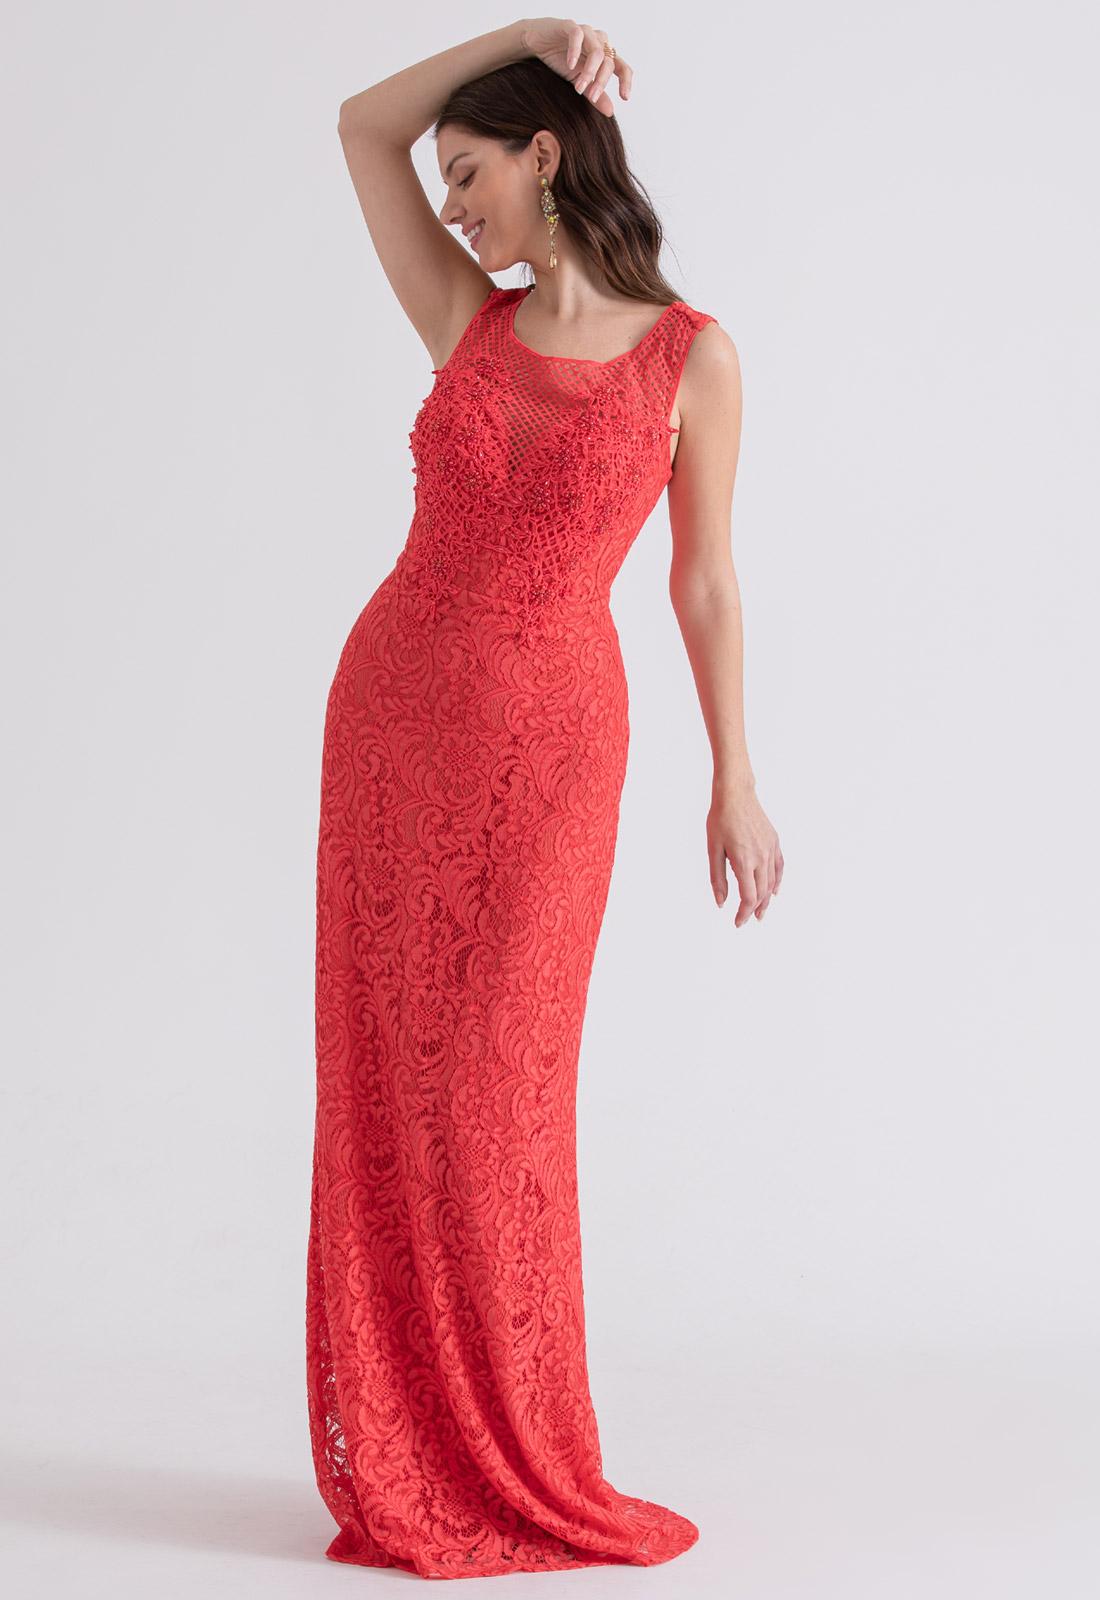 Vestido de festa em Renda Bordado Coral - Ref. 2212